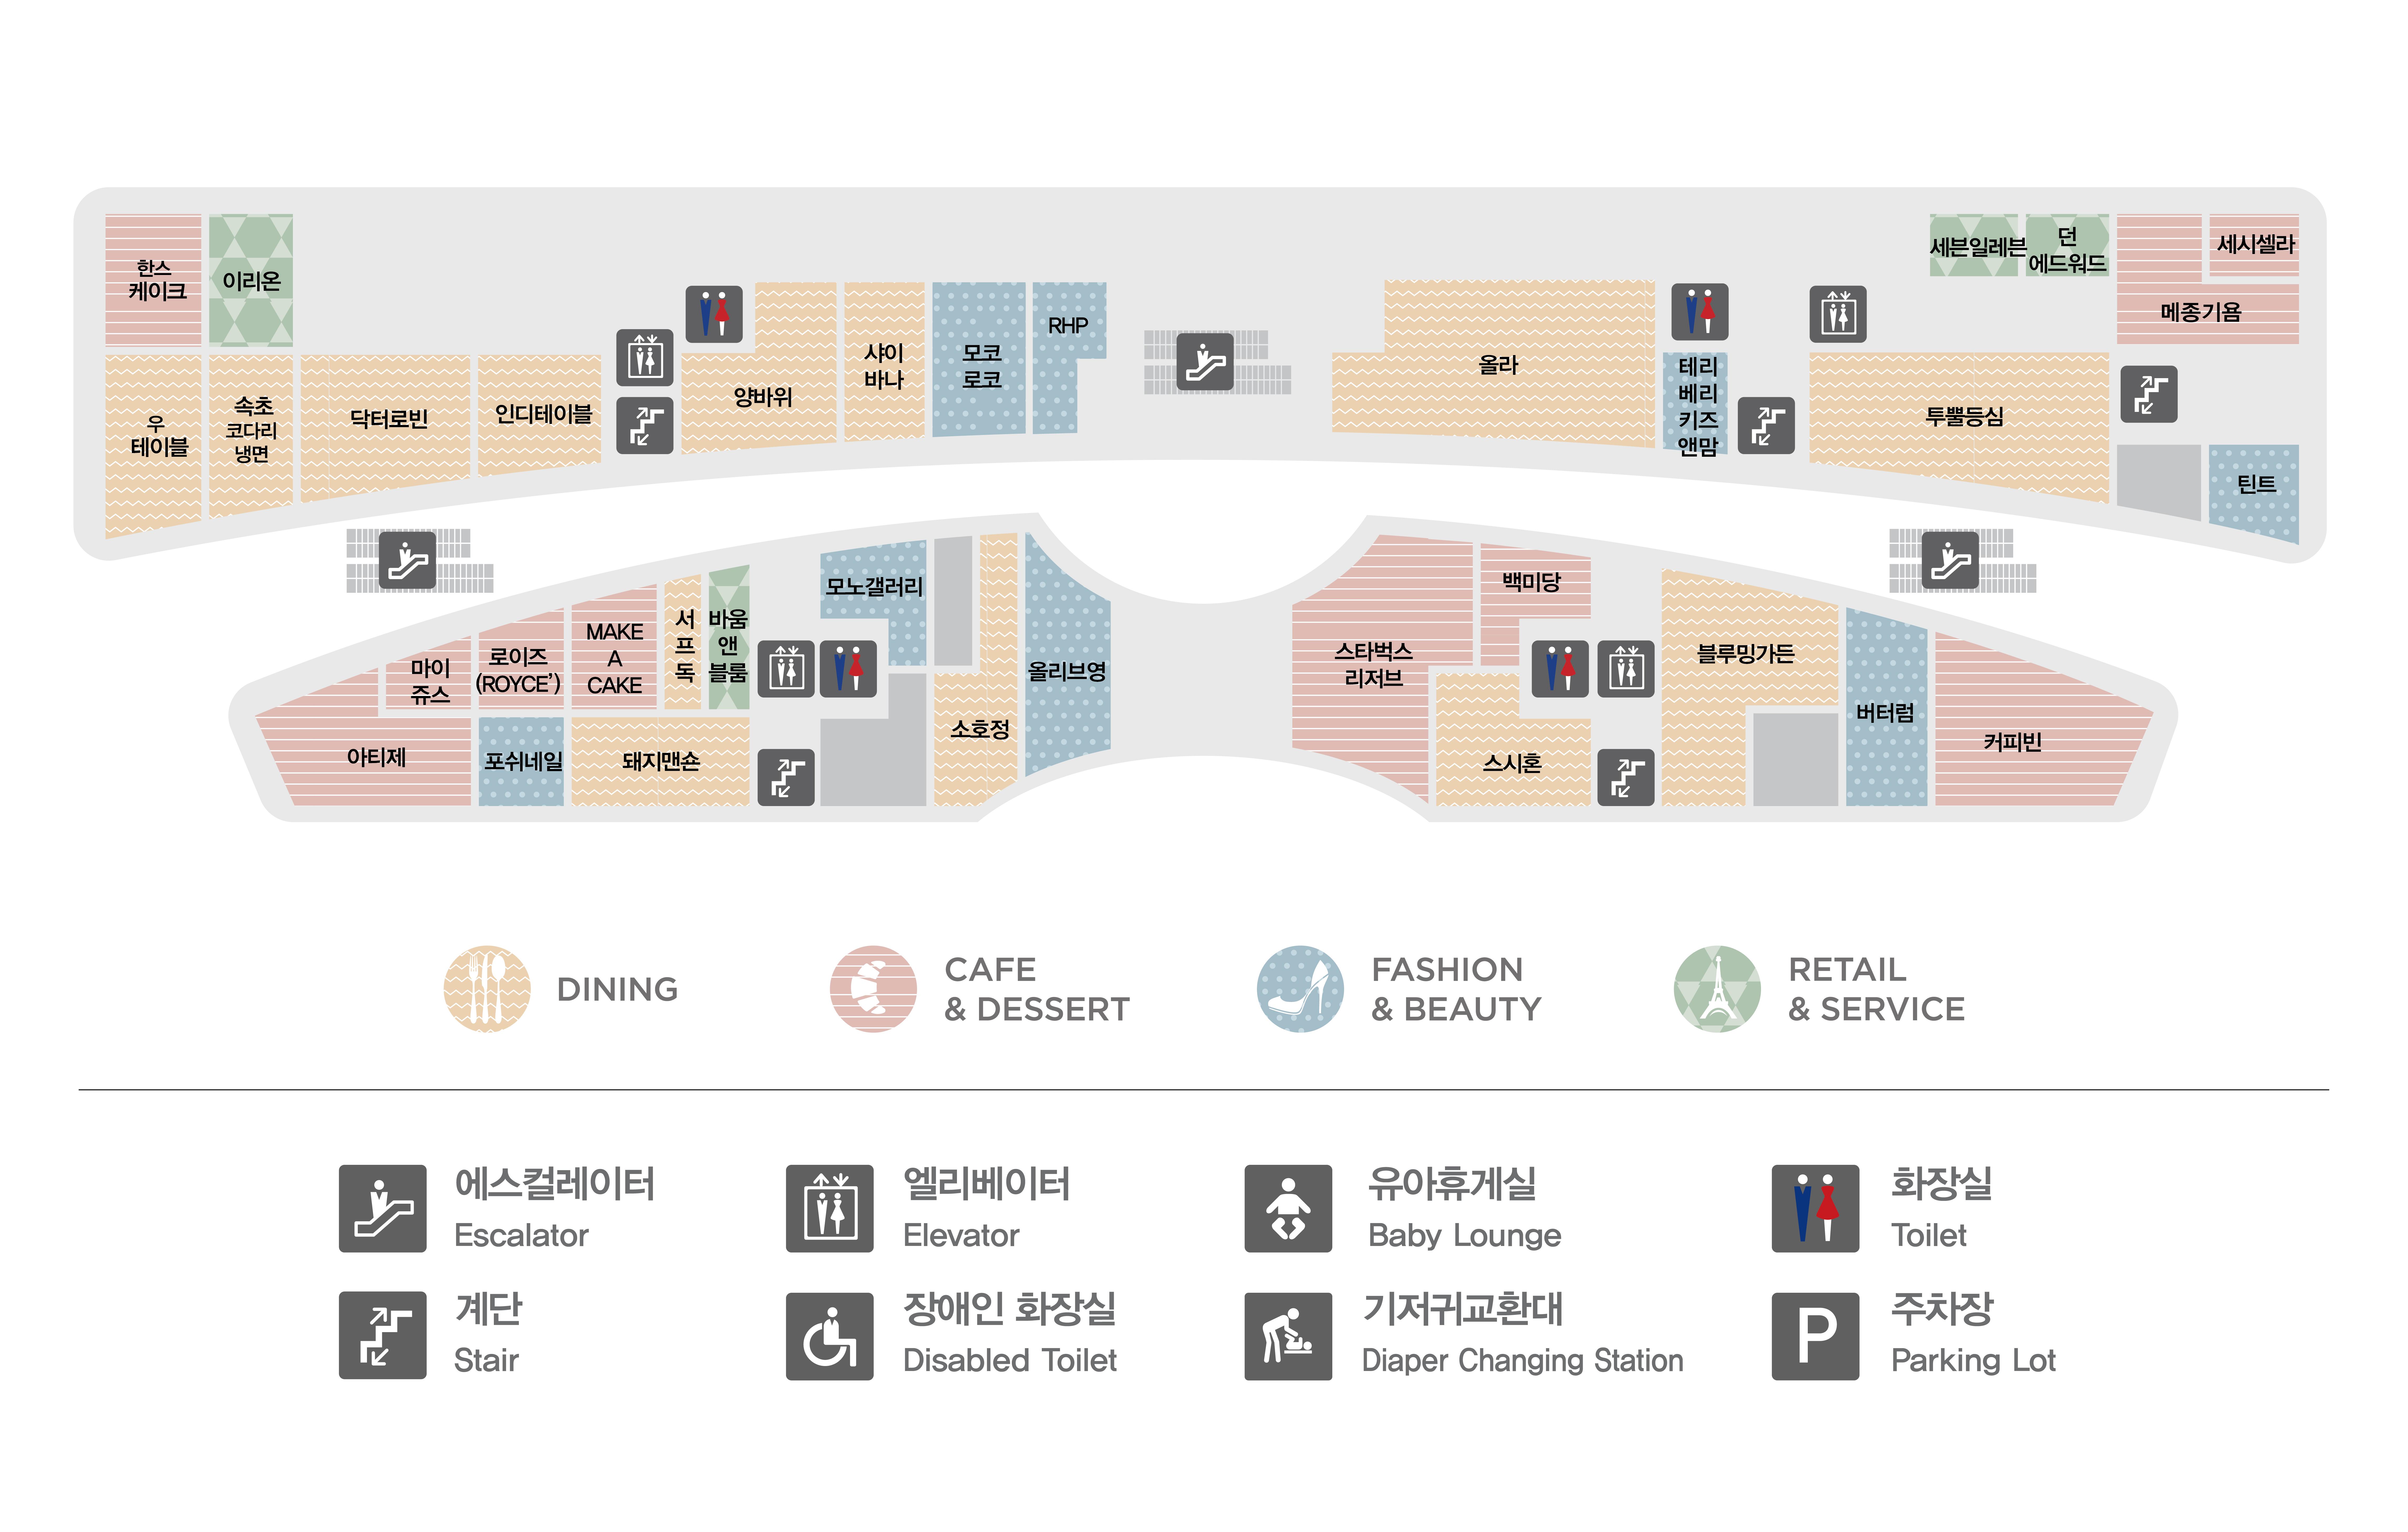 판교점 1층 매장 지도입니다. 1층에는 한스케이크(카페&디저트), 이리온(리테일&서비스), 우테이블(다이닝),속초코다리냉면(다이닝),닥터로빈(다이닝),인디테이블(다이닝),양바위(다이닝),샤이바나(다이닝),모코로코(패션&뷰티),RHP(패션&뷰티),올라(다이닝), 테리베리키즈앤맘(패션&뷰티), 세븐일레븐(리테일&서비스),던에드워드 페인트(리테일&서비스), 메종기욤(카페&디저트), 세시셀라(카페&디저트),투뿔등심(다이닝),틴트(패션&뷰티),마이쥬스(카페&디저트),로이즈 초콜릿(카페&디저트),메이크어케이크(카페&디저트),서프독(다이닝),바움앤블룸(리테일&서비스), 모노갤러리(패션&뷰티), 포쉬네일(패션&뷰티),돼지맨숀(다이닝),소호정(다이닝),올리브영(패션&뷰티),아티제(카페&디저트), 블루밍가든(다이닝), 버터럼(패션&뷰티), 커피빈(카페&디저트), 스시혼(다이닝), 스타벅스 리저즈(카페&디저트), 백미당(카페&디저트) 총 35개 매장이 입점해있습니다. 또한 화장실 총 4개, 에스컬레이터, 엘레베이터, 비상계단이 있습니다. 화장실과 엘레베이터는 양바위, 투뿔등심, 바움앤블룸, 제이헬렌 매장 옆에 있습니다.